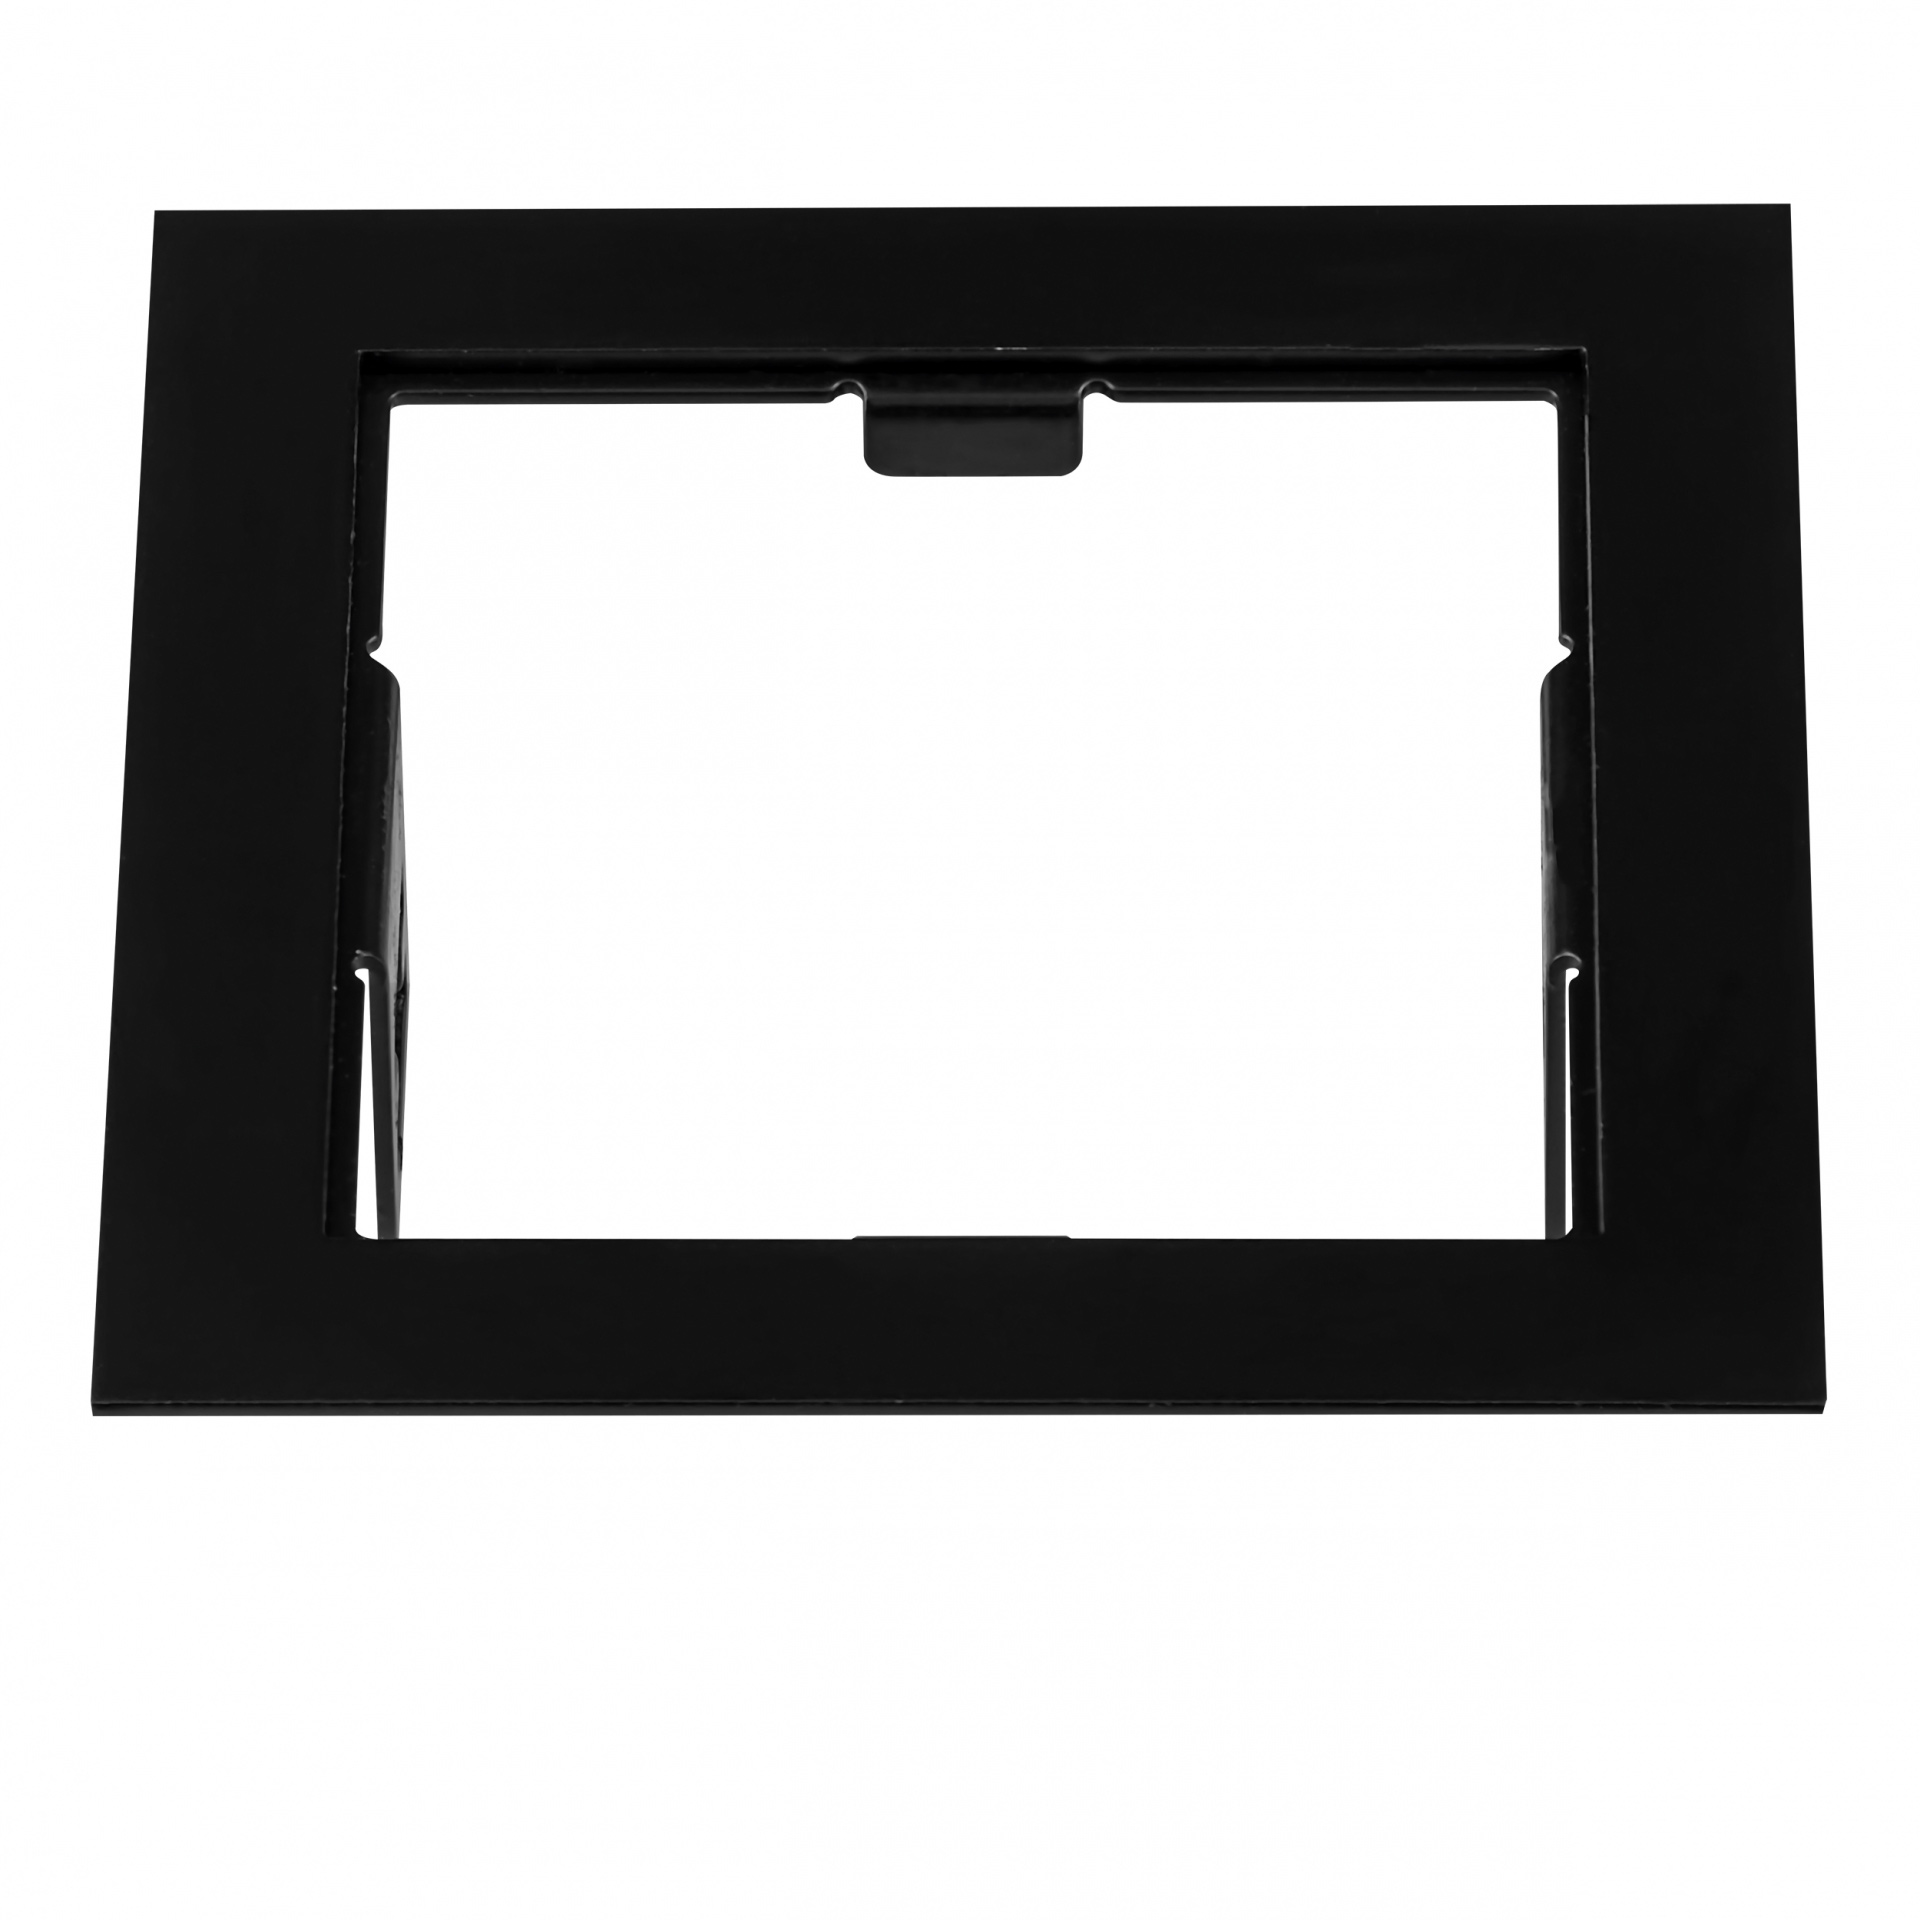 Рамка Domino quadro MR16 черный Lightstar 214517, купить в СПб, Москве, с доставкой, Санкт-Петербург, интернет-магазин люстр и светильников Starlight, фото в жизни